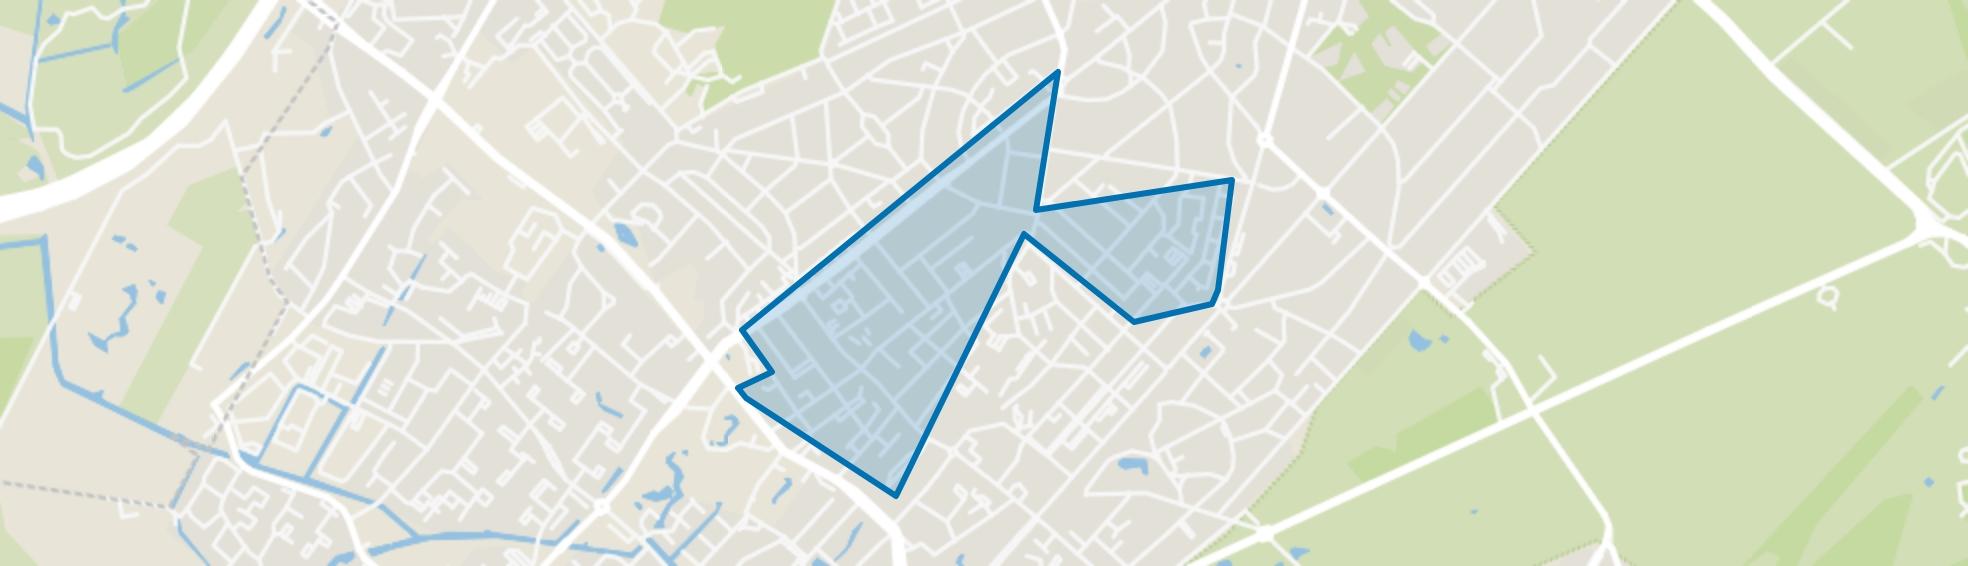 Centrumschil-Noord, Zeist map